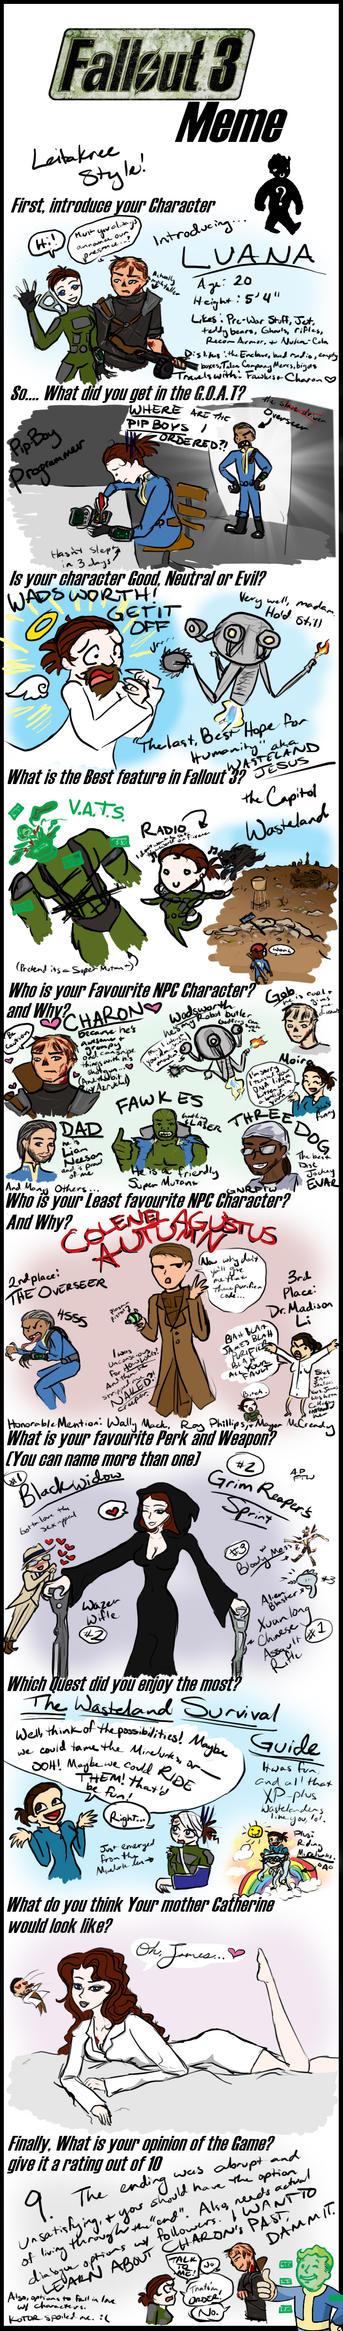 Edge14's Fallout 3 Meme by LeitaKree